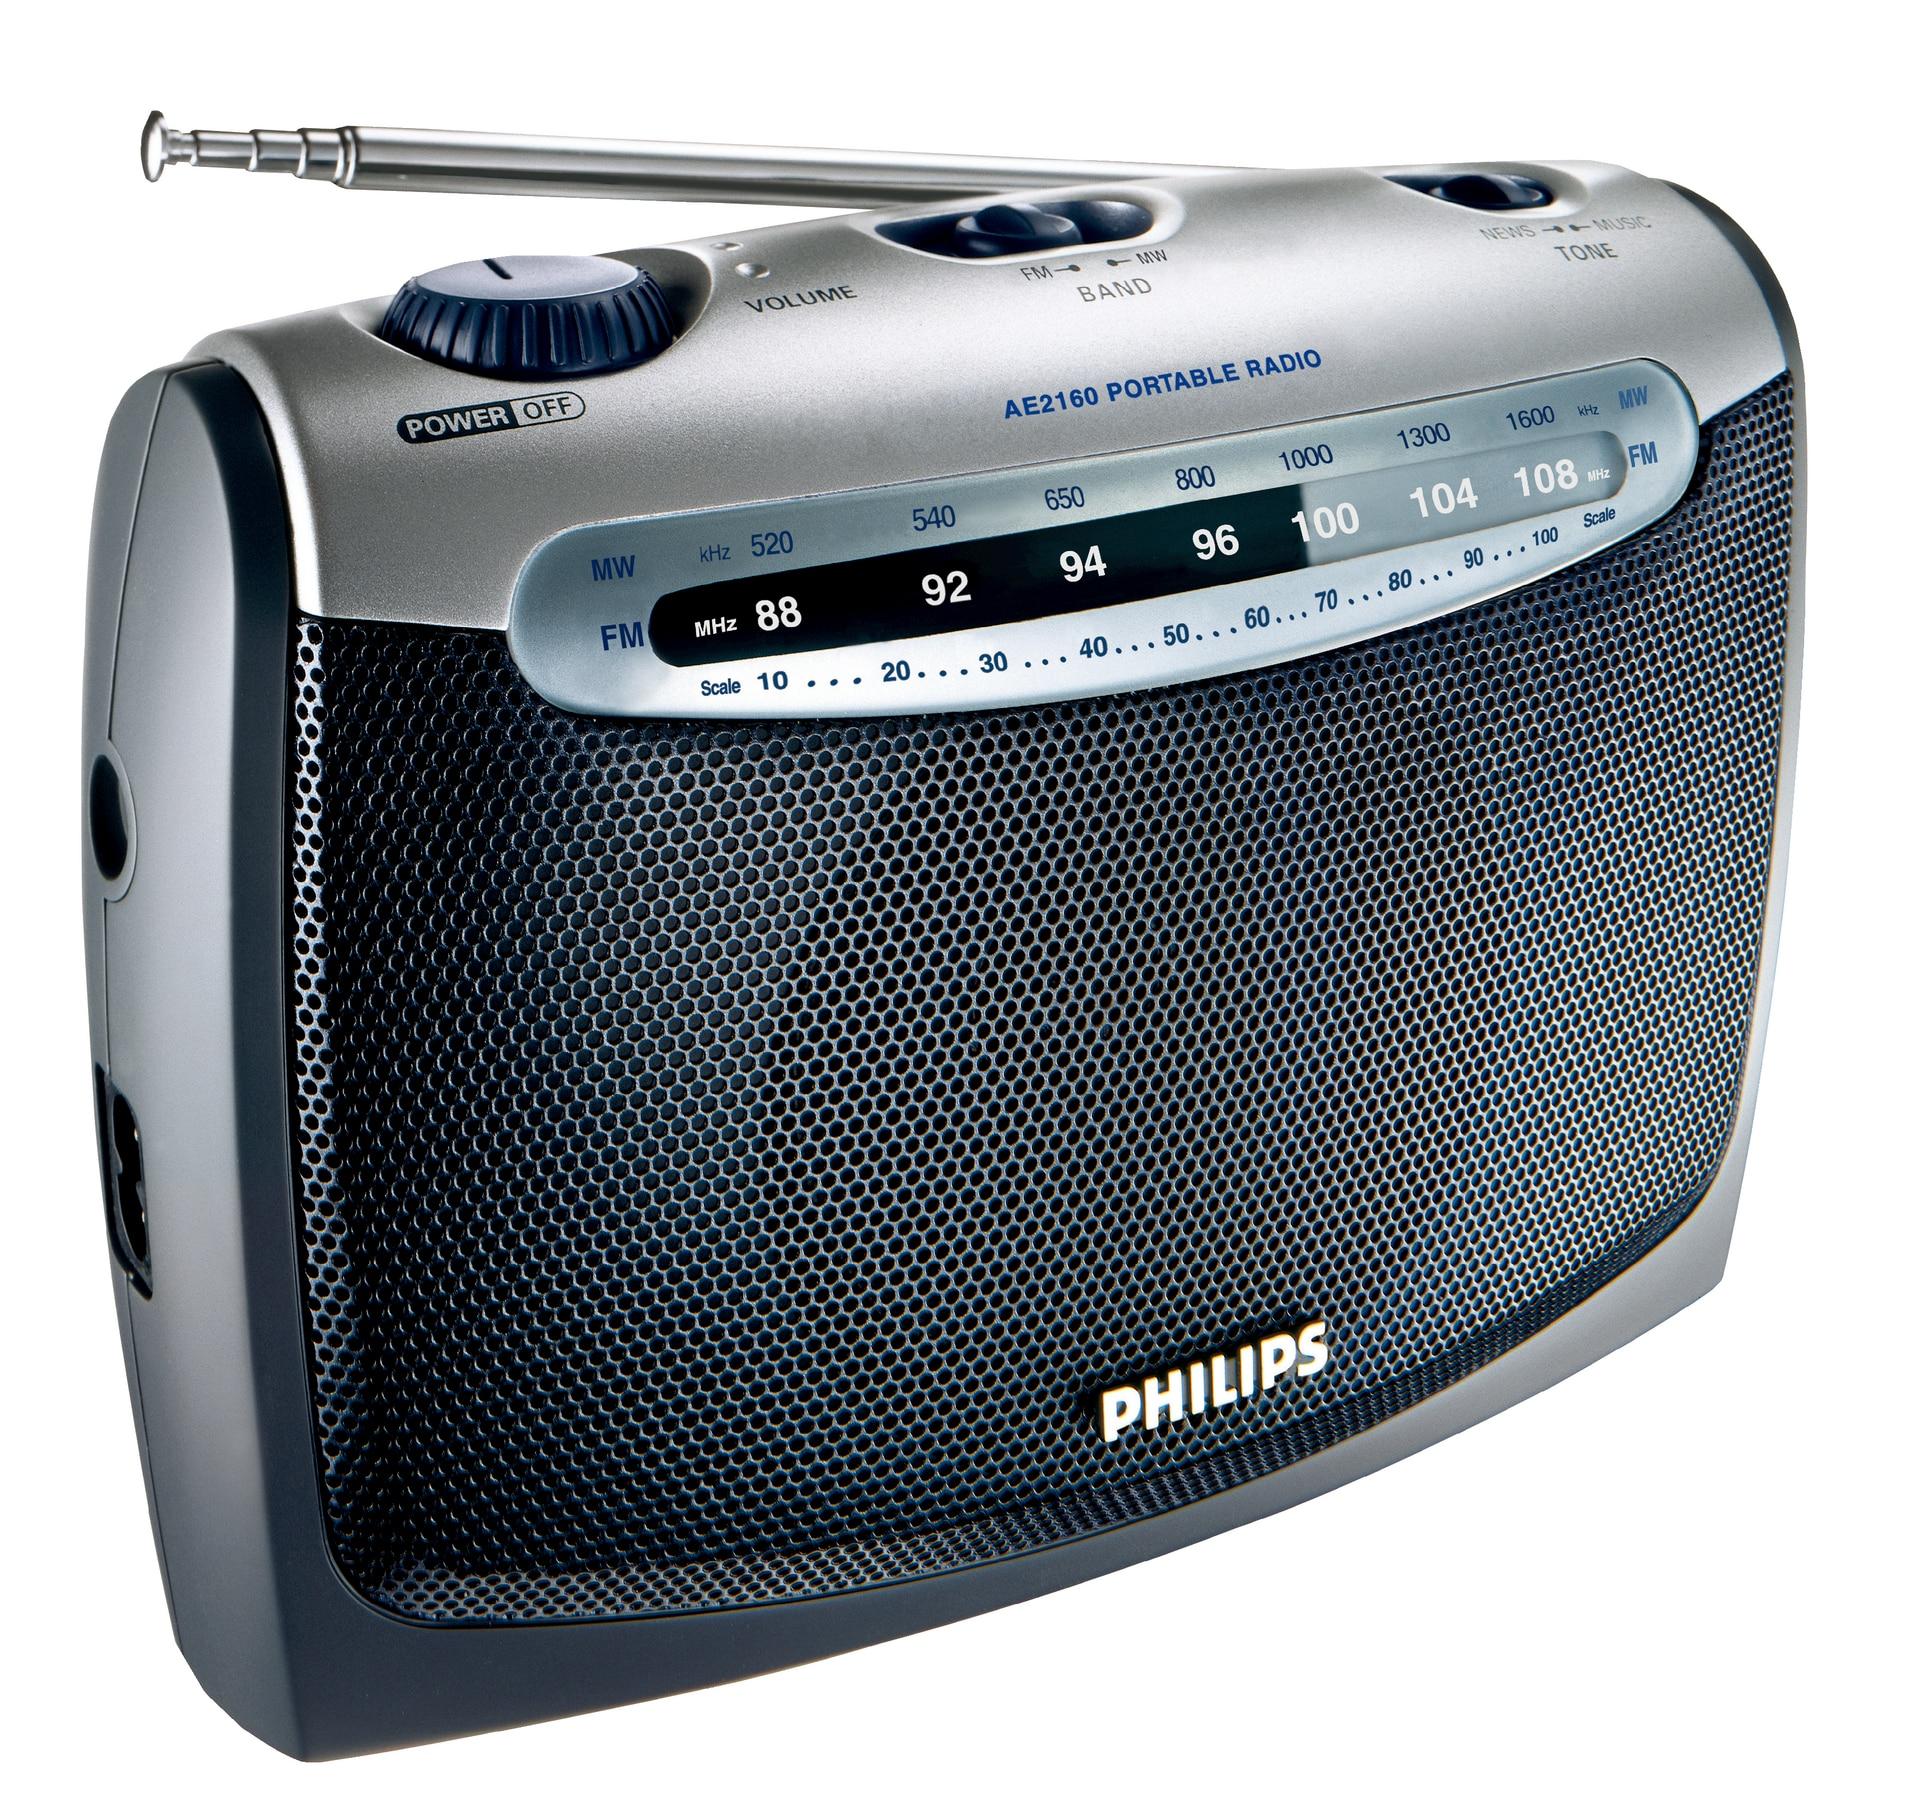 Fotografie Radio portabil Philips AE2160/00C, FM